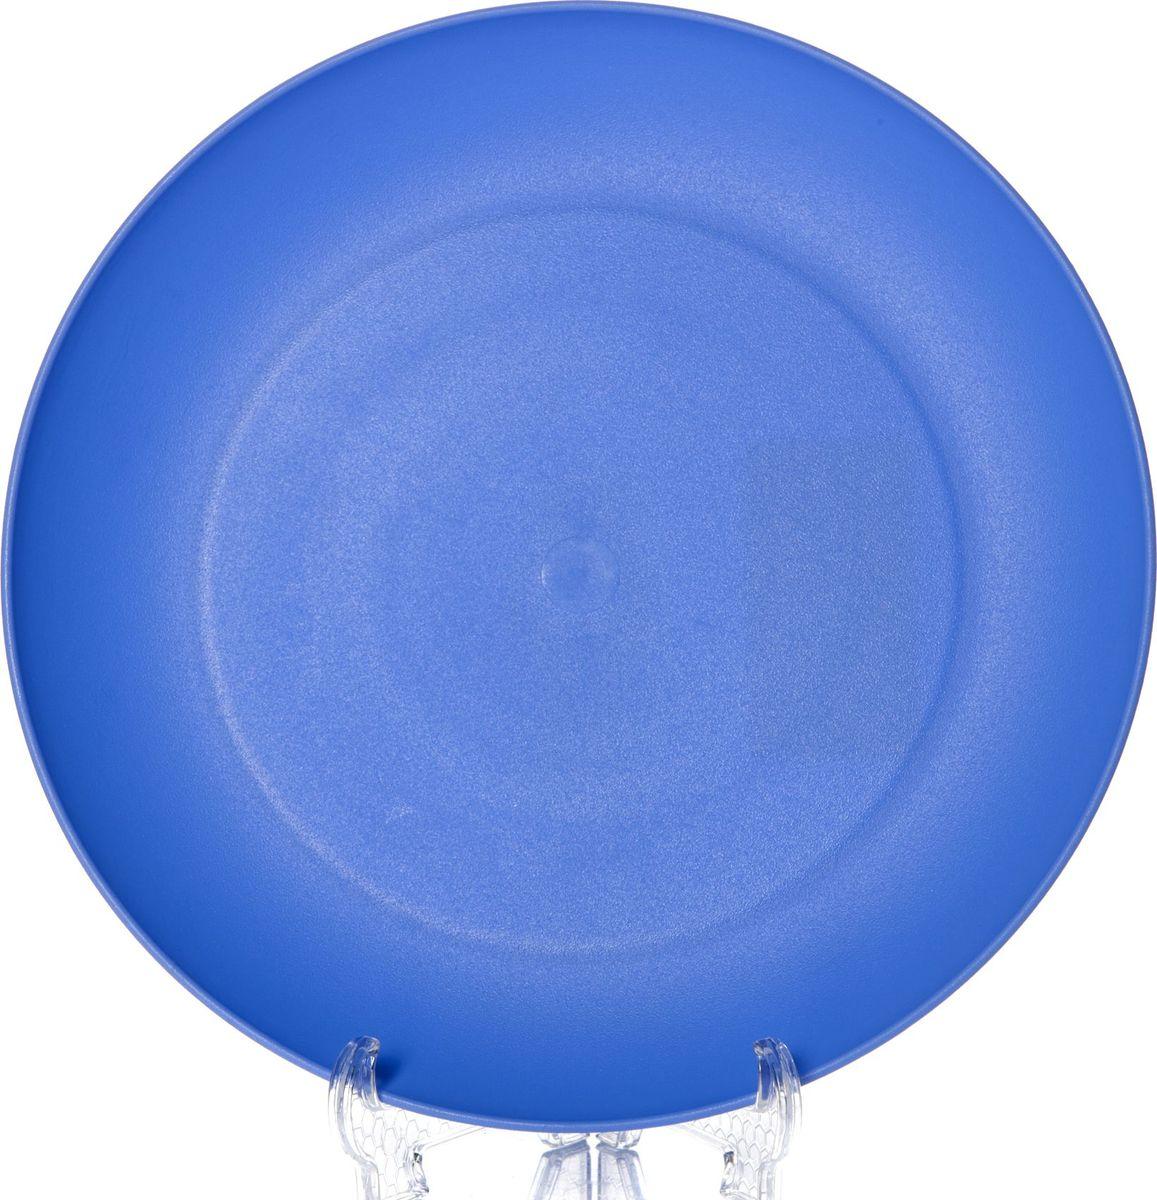 Тарелка Gotoff, диаметр 20,3 см. WTC-271WTC-271Тарелка круглая 203*18